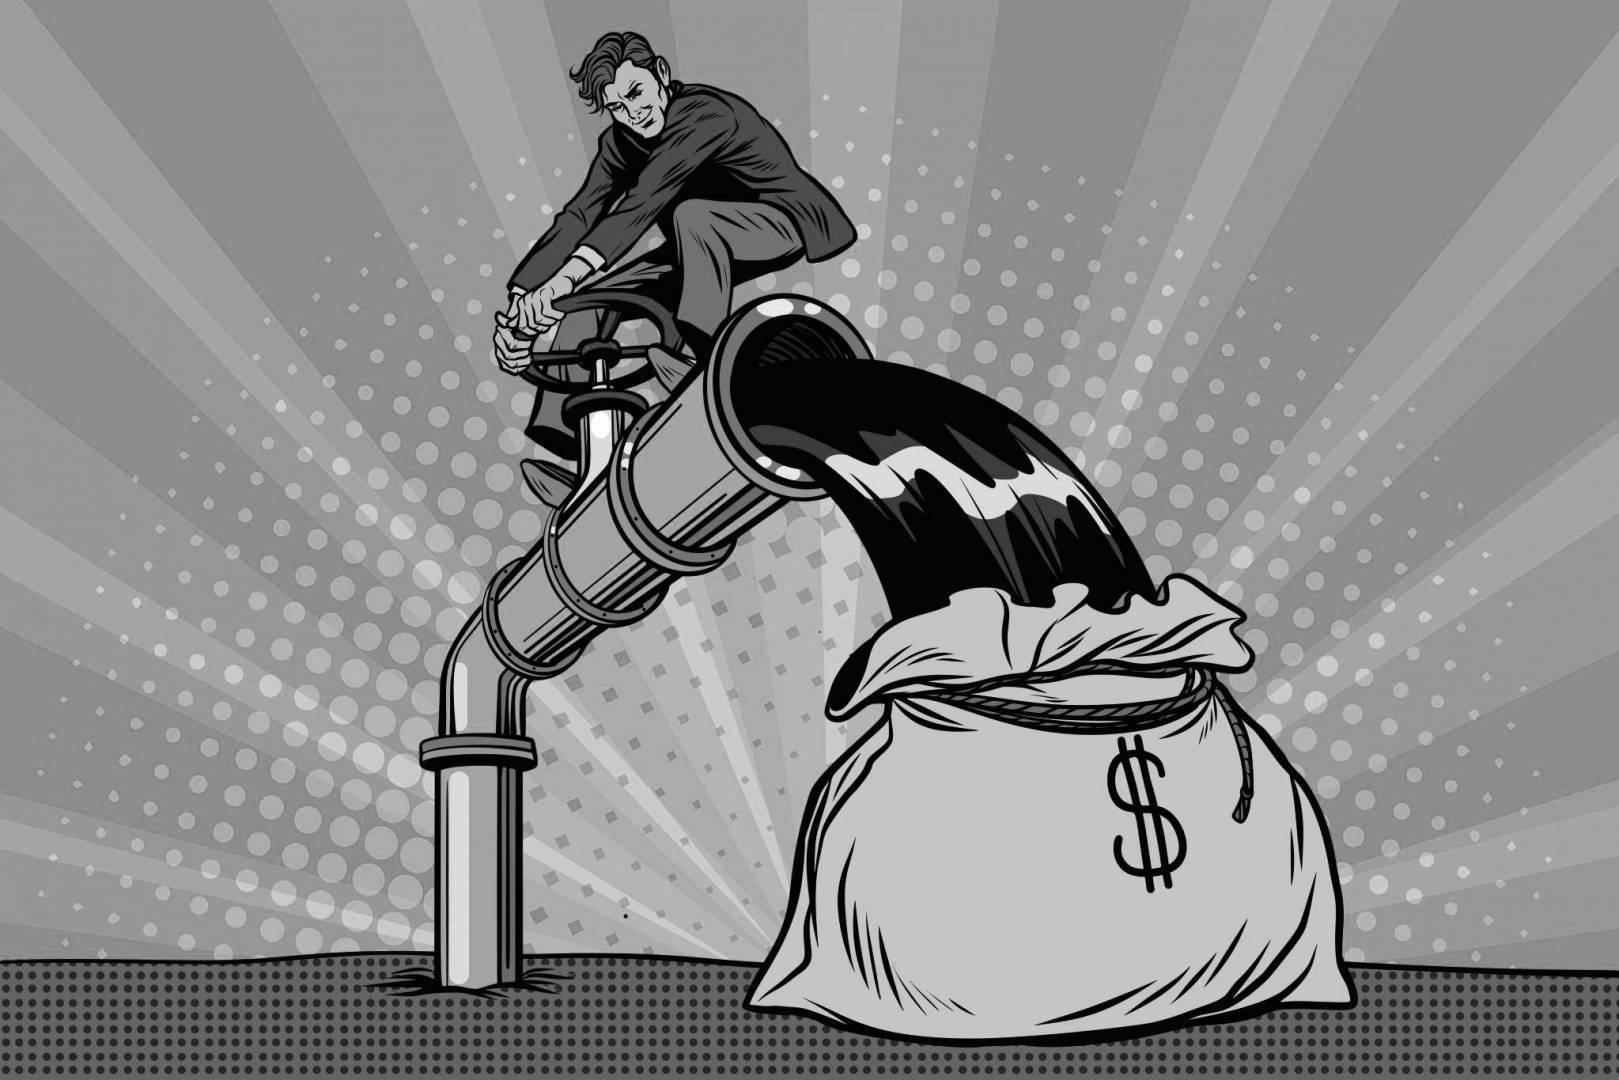 إنتاج أكثر وأرباح أقل.. شركات النفط العالمية تعاني وفرة الغاز